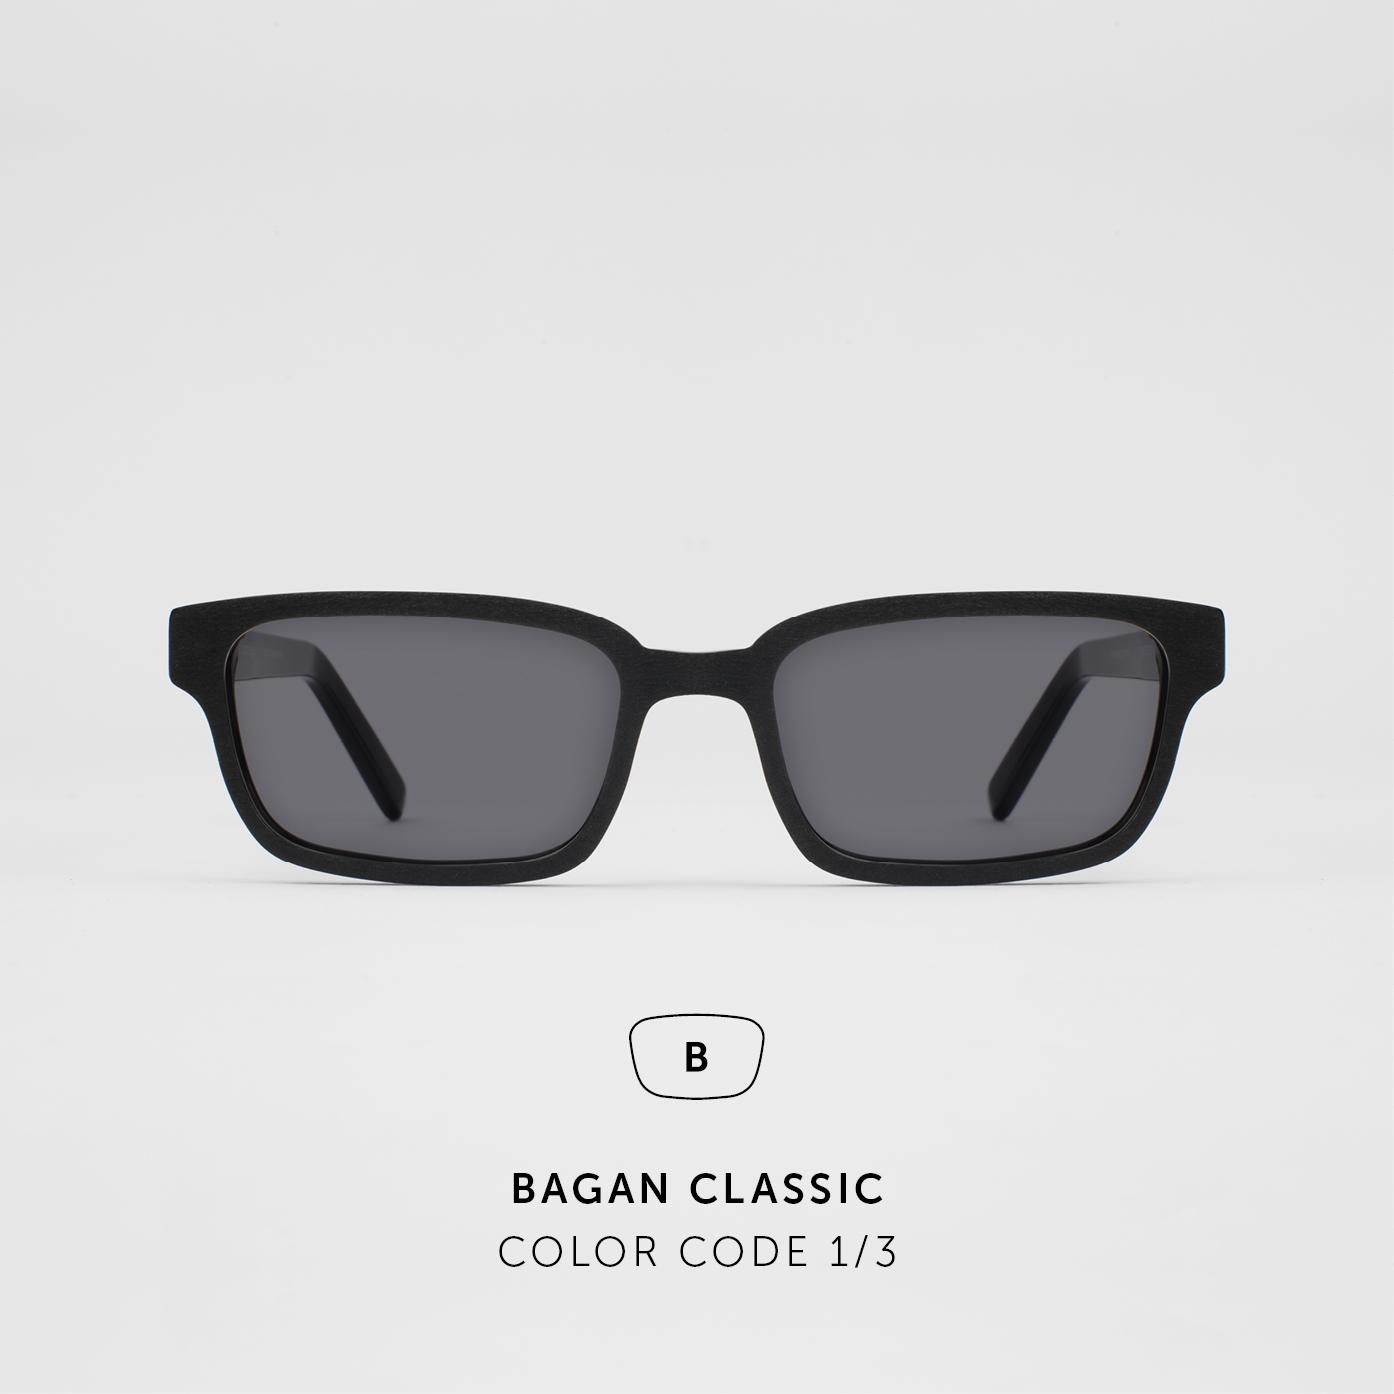 BaganClassic6.jpg